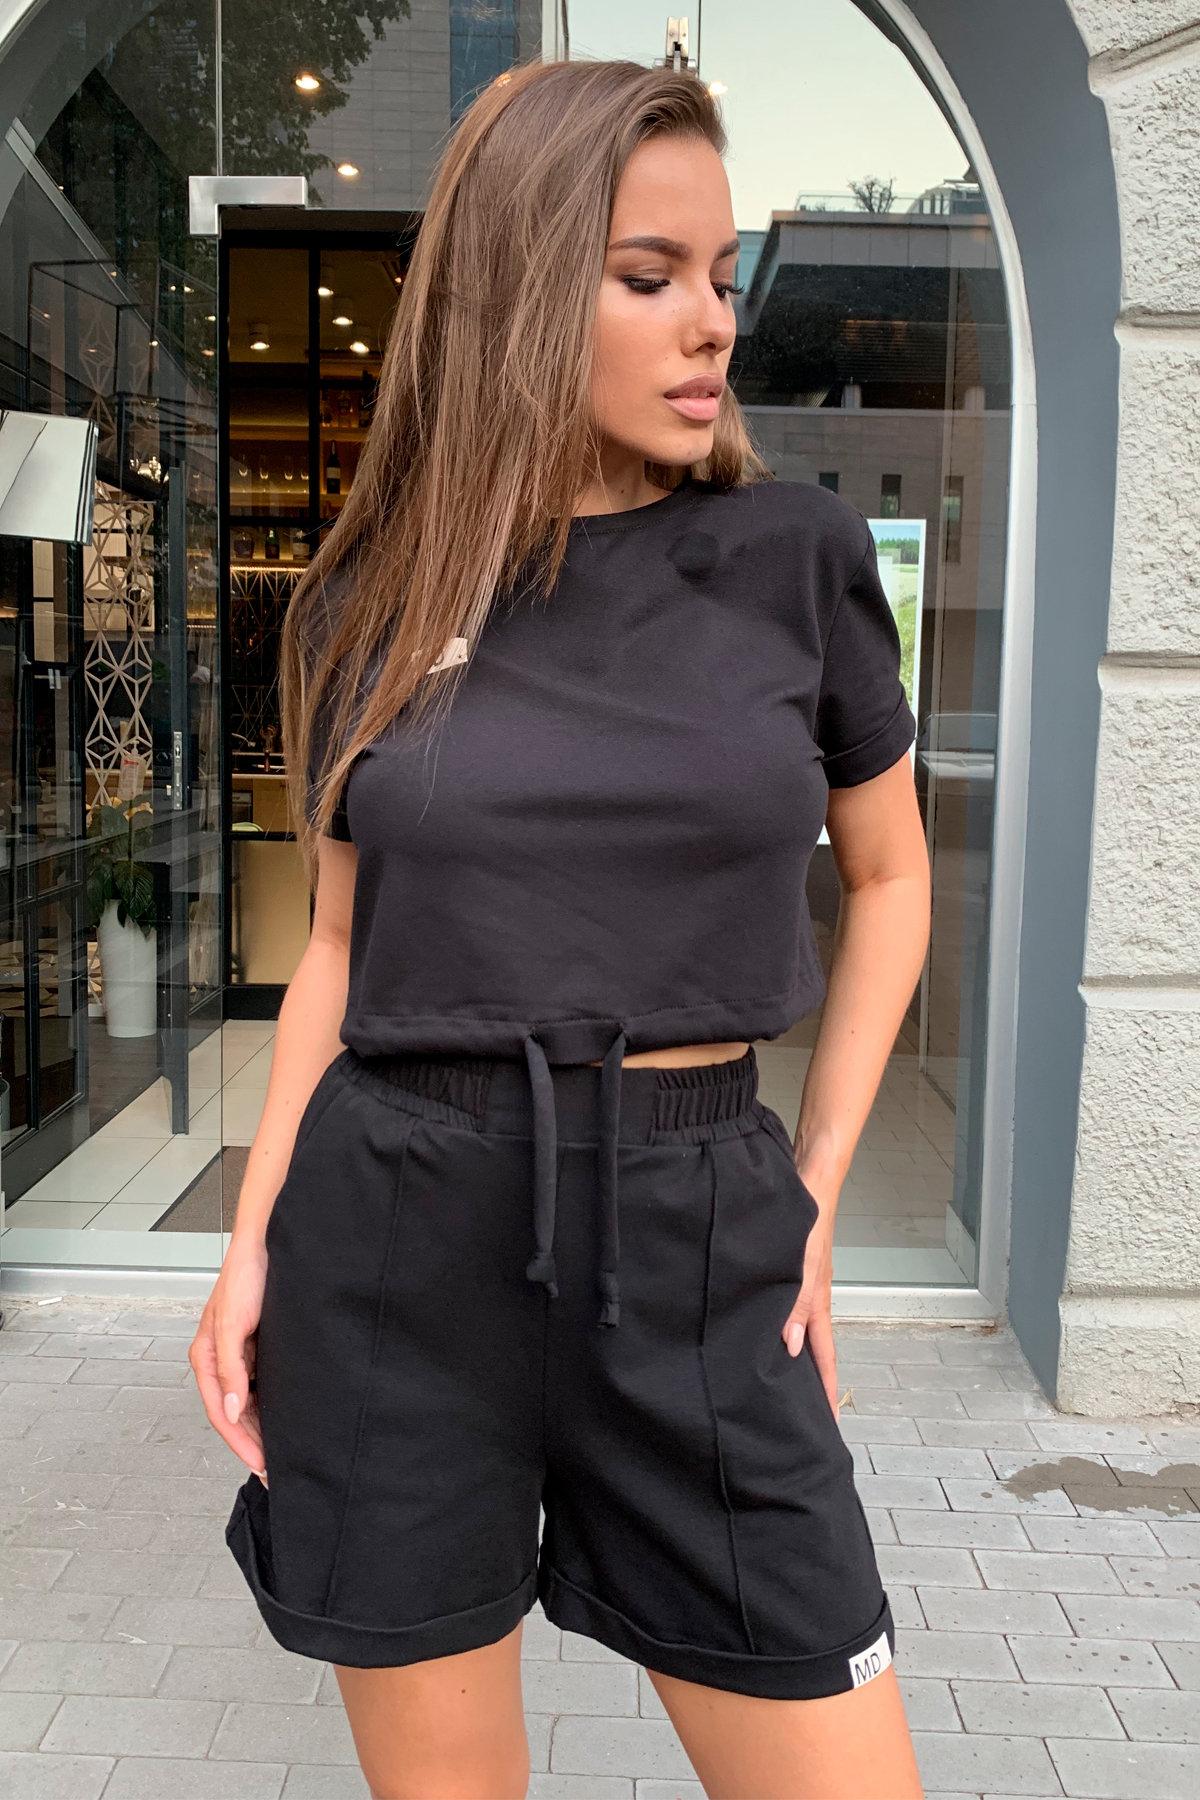 Фреш  костюм трикотажный двунитка тонкий 9252 АРТ. 45590 Цвет: Черный - фото 4, интернет магазин tm-modus.ru